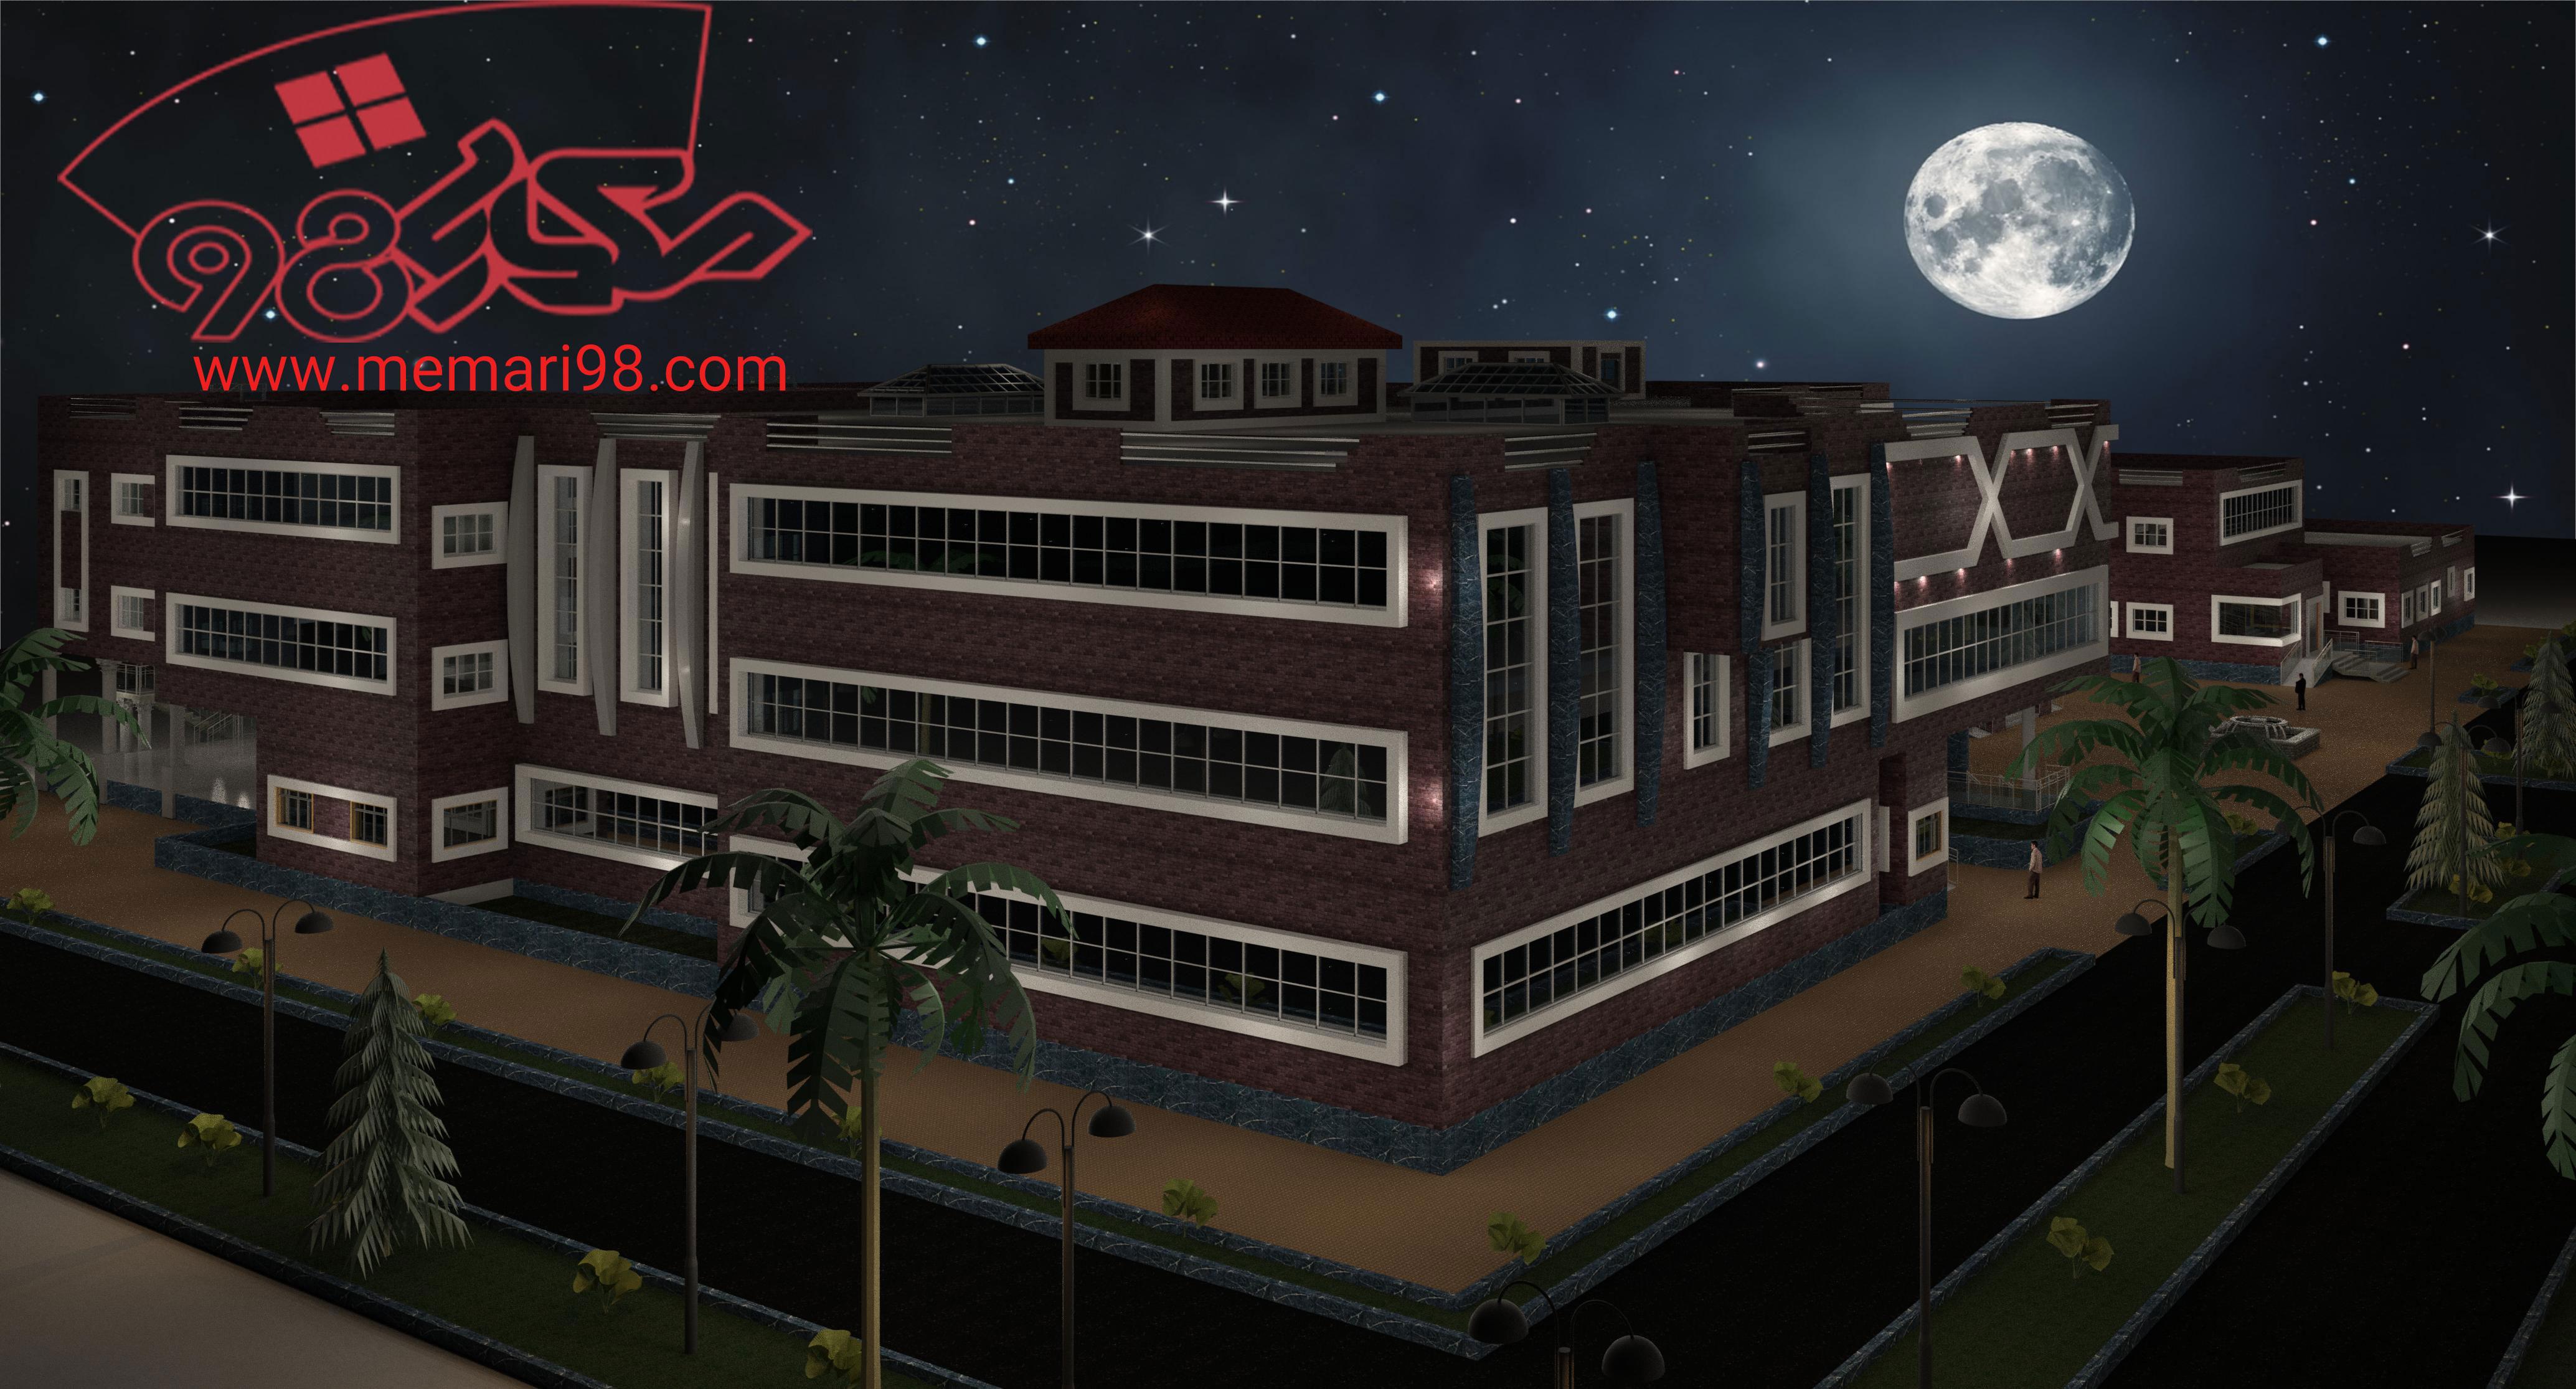 پروژه کامل بیمارستان ( اتوکد - تری دی - رویت - psd - شیت بندی )